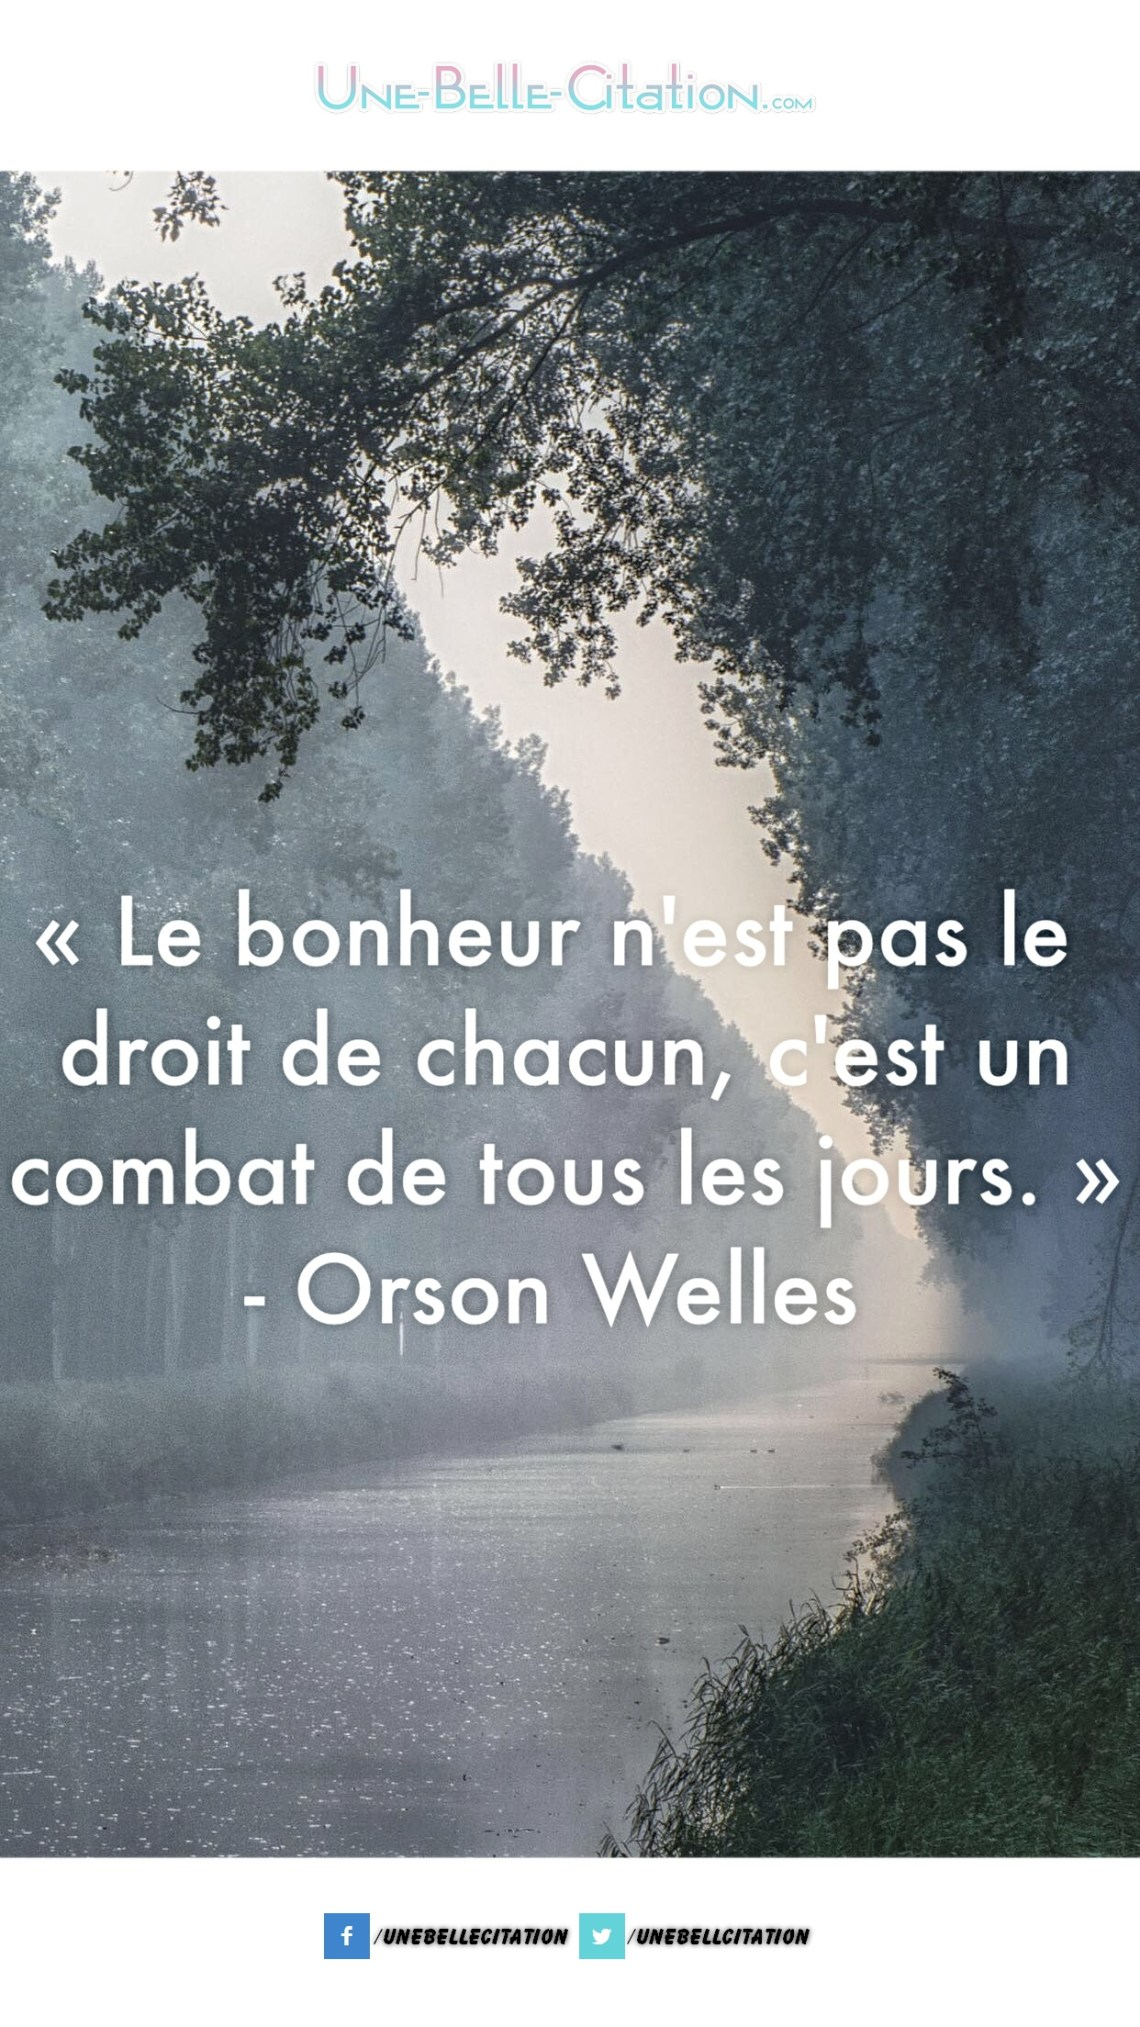 « Le bonheur n'est pas le droit de chacun, c'est le combat de tous les jours. » – Orson Welles